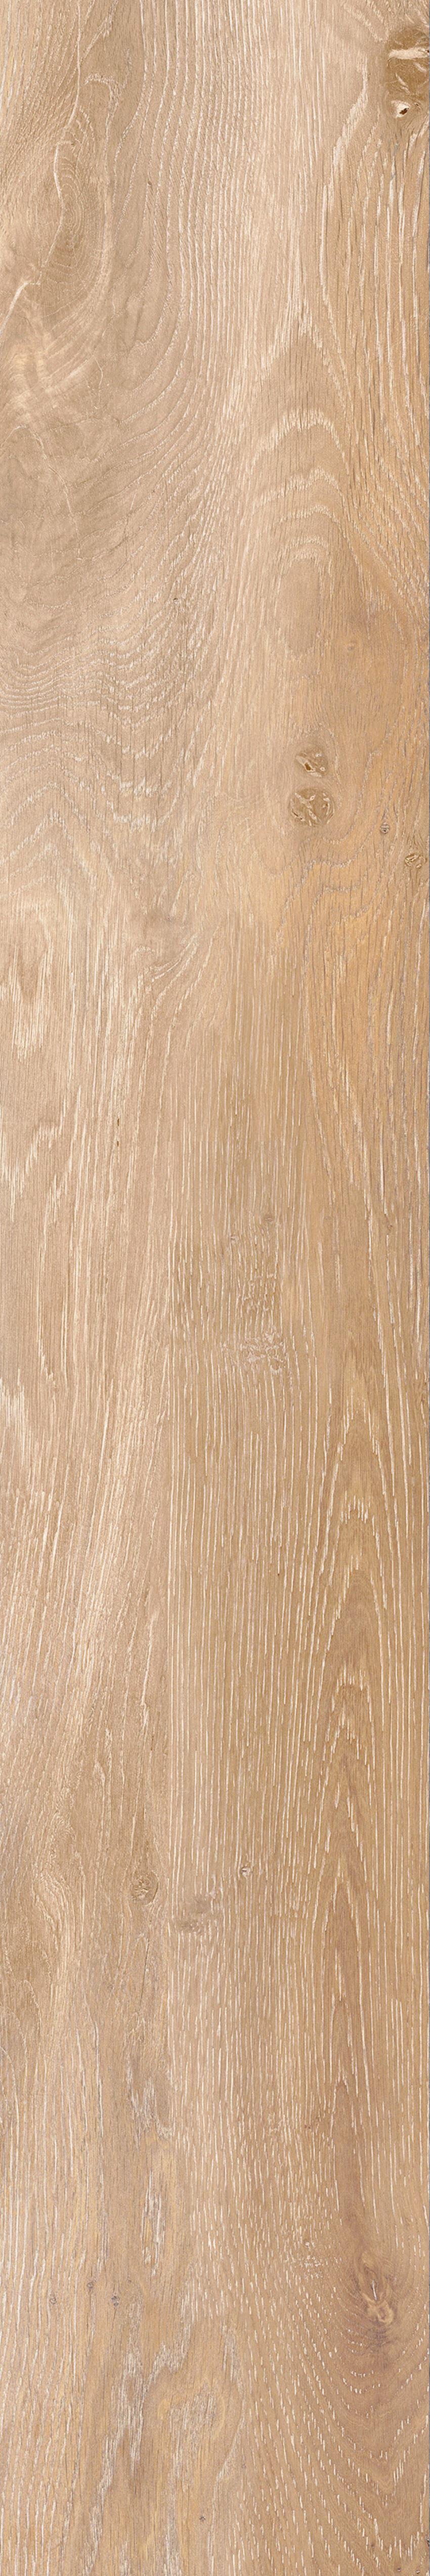 Płytka ścienno-podłogowa Cerrad Libero beige 46217 2